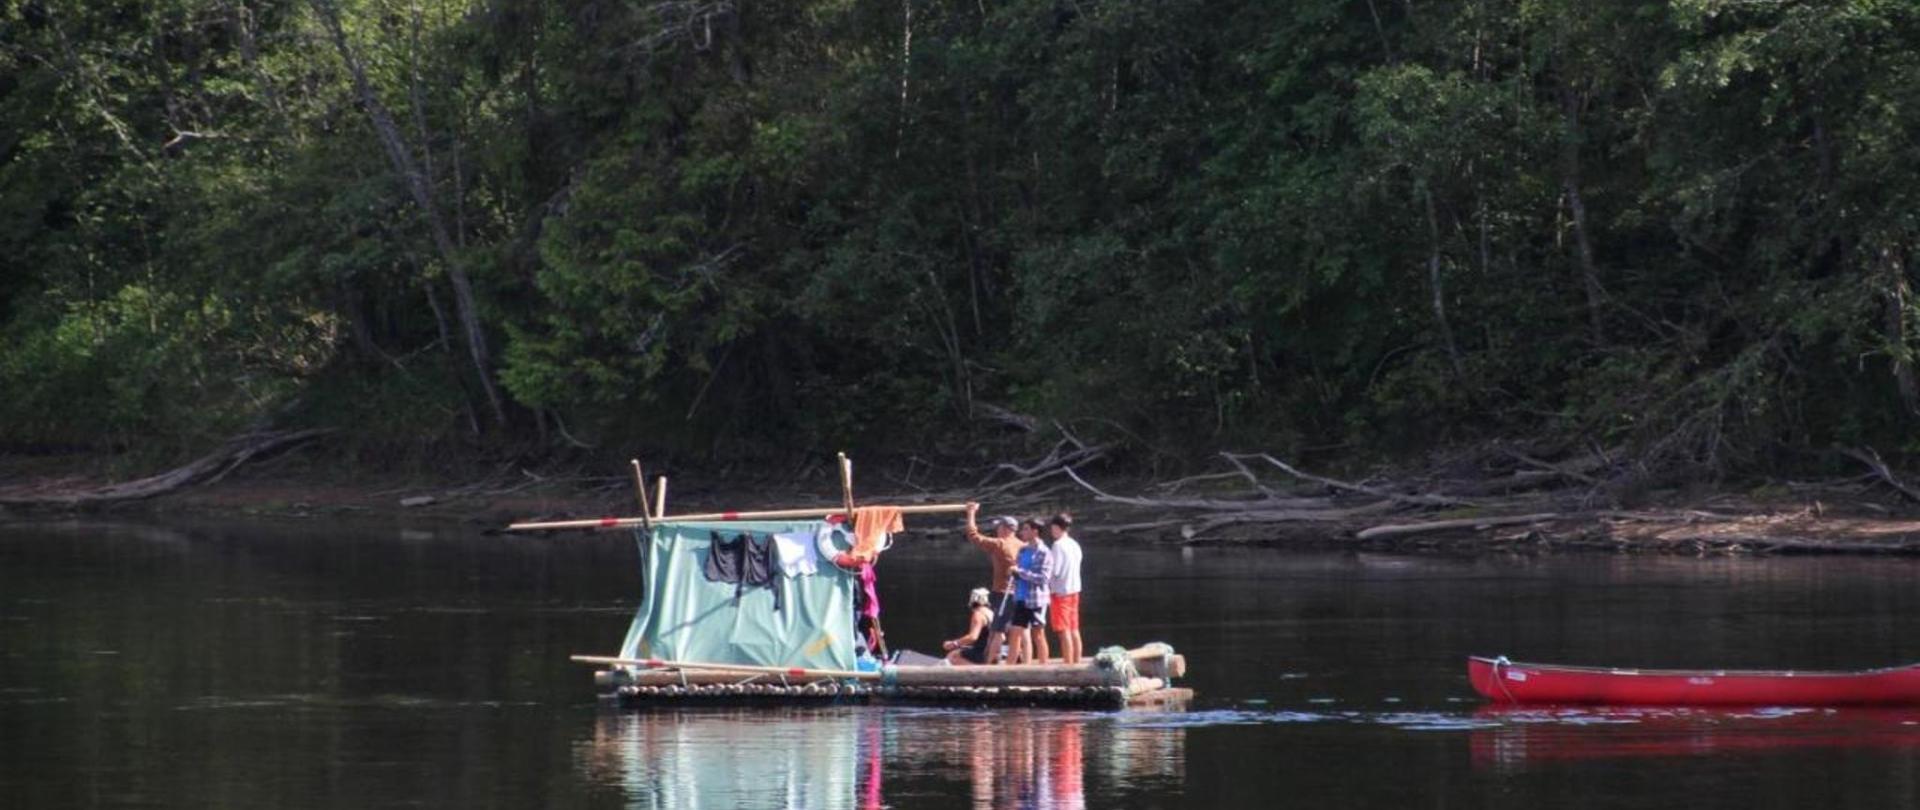 Björkebo Camping